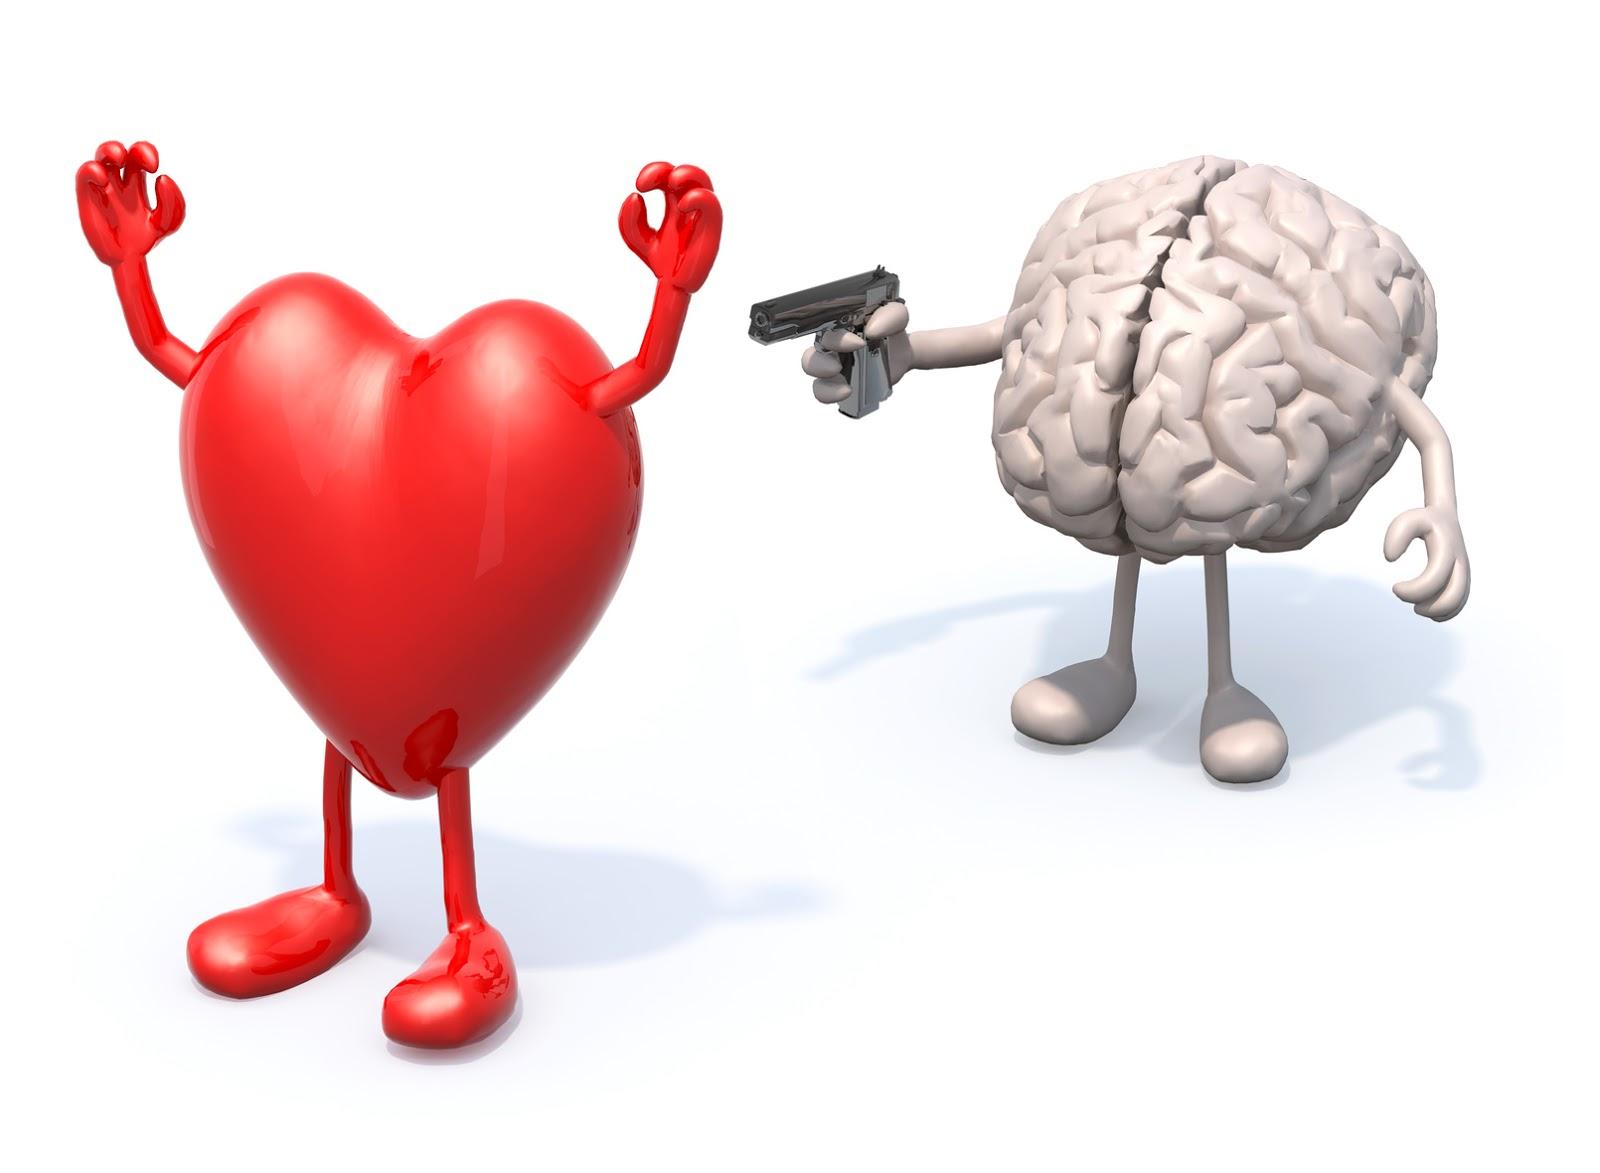 наличии картинка звони ей мозг и сердце лучше